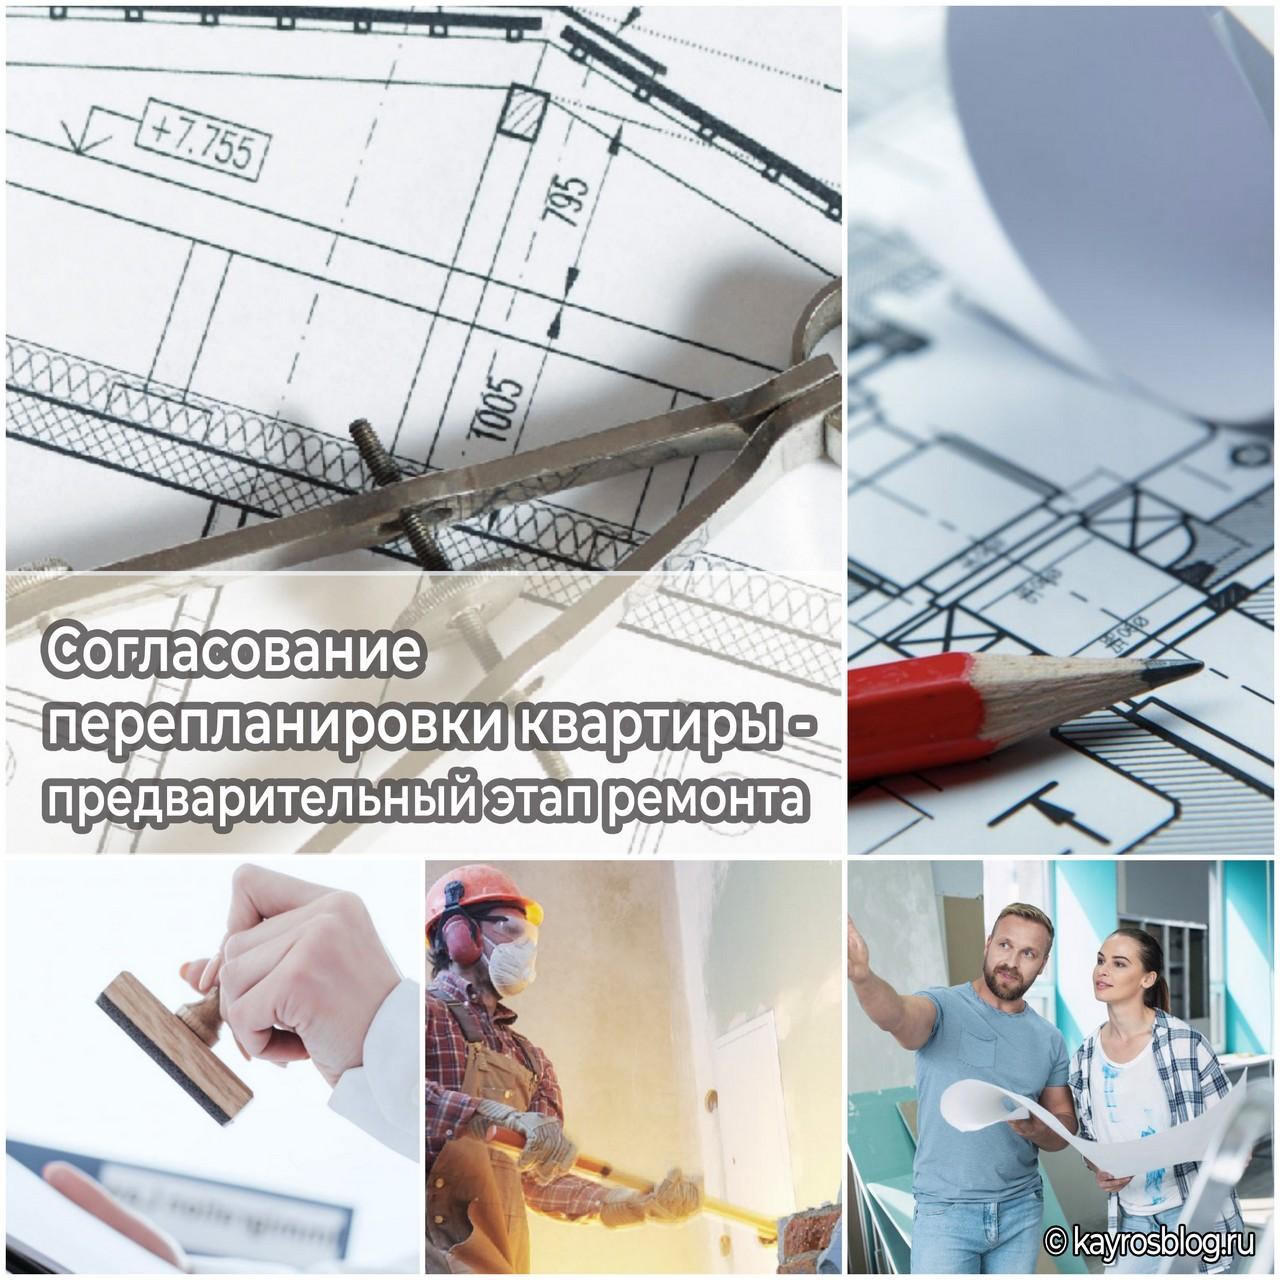 Согласование перепланировки квартиры - предварительный этап ремонта